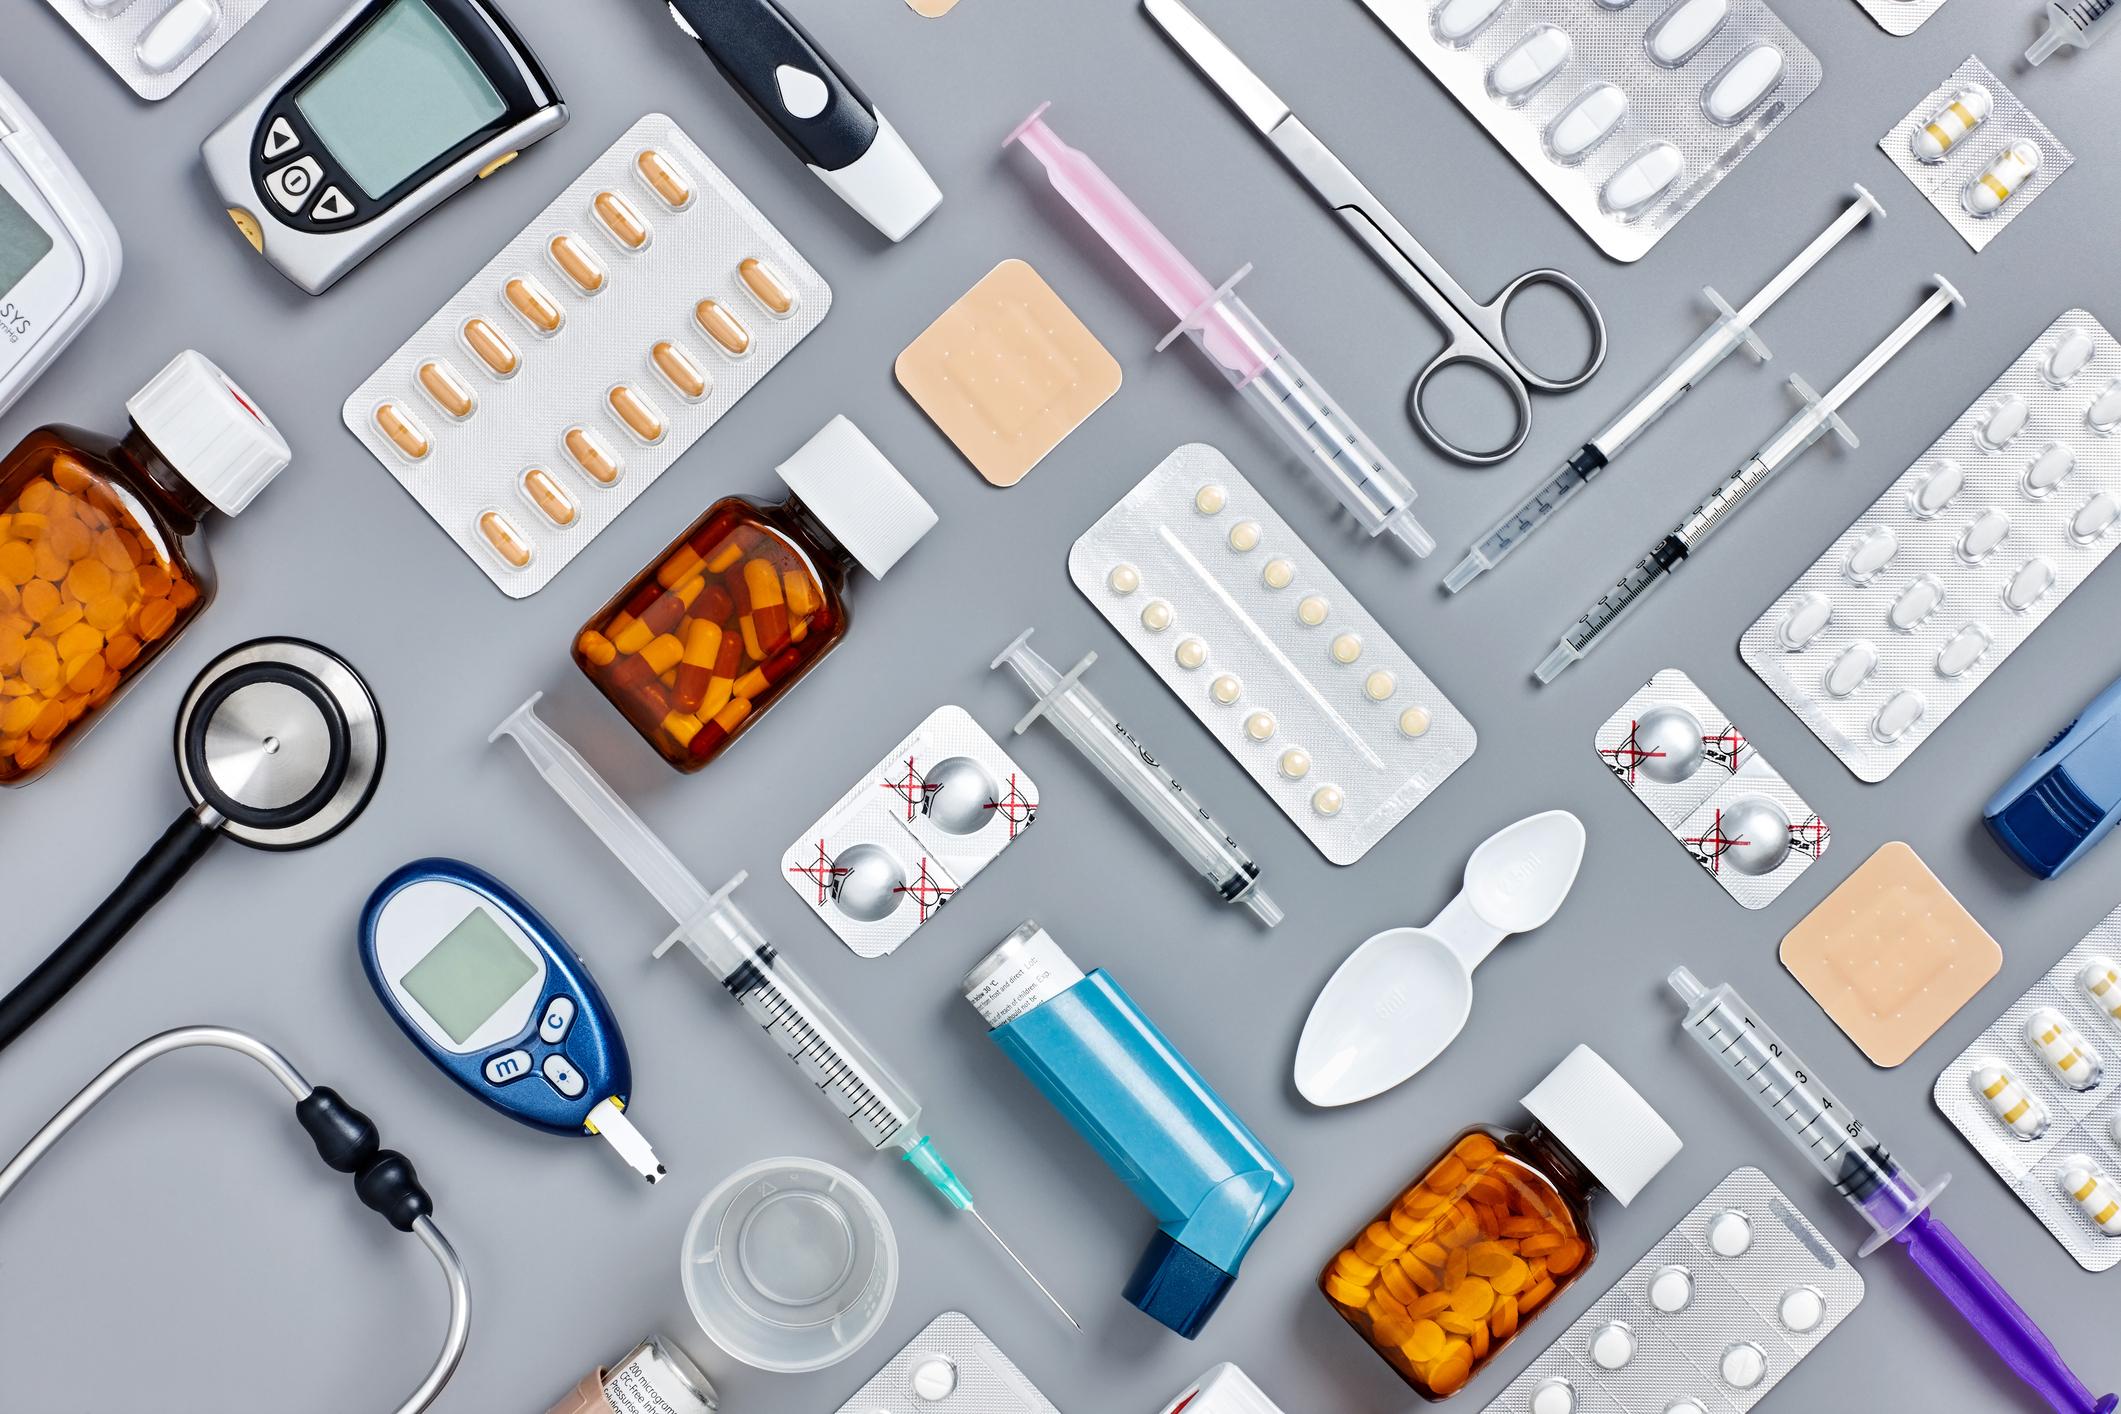 Добро пожаловать в эпоху смартфонов как медицинских устройств